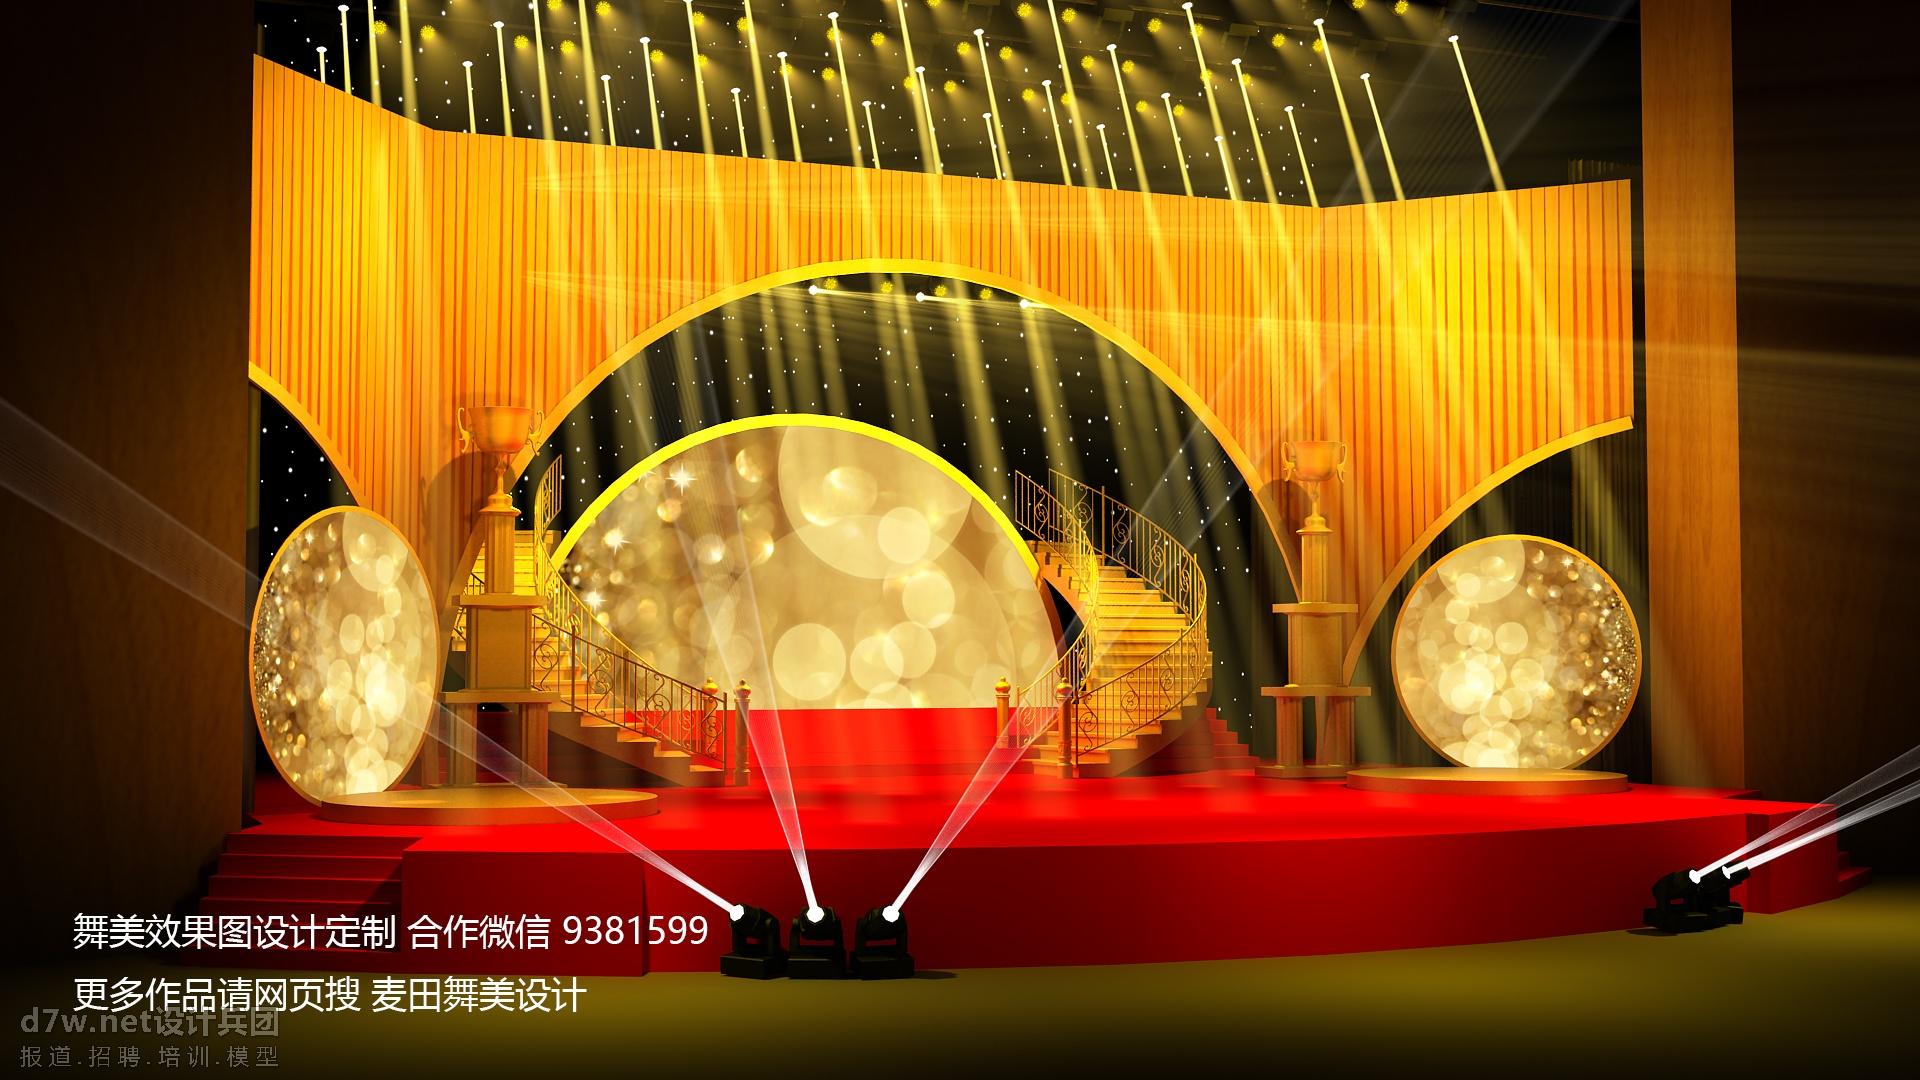 颁奖晚会舞美 颁奖晚会设计 颁奖晚会舞台 颁奖舞美设计 颁奖舞台设计 年会舞美设计 年会舞台设计 年会设计 ...